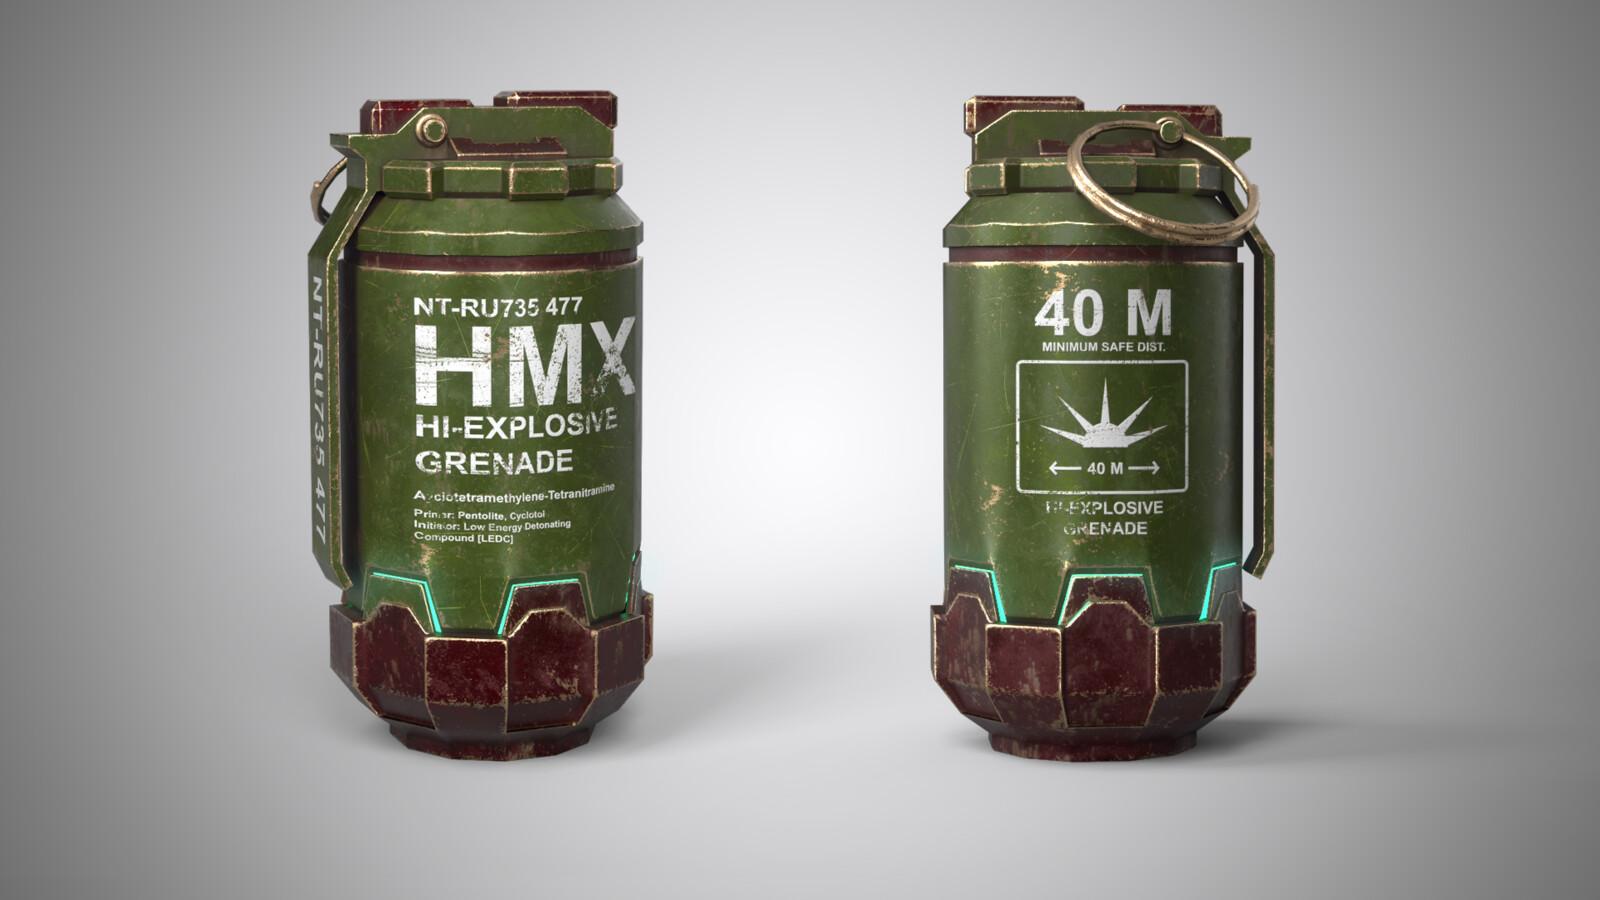 Green Grenade!